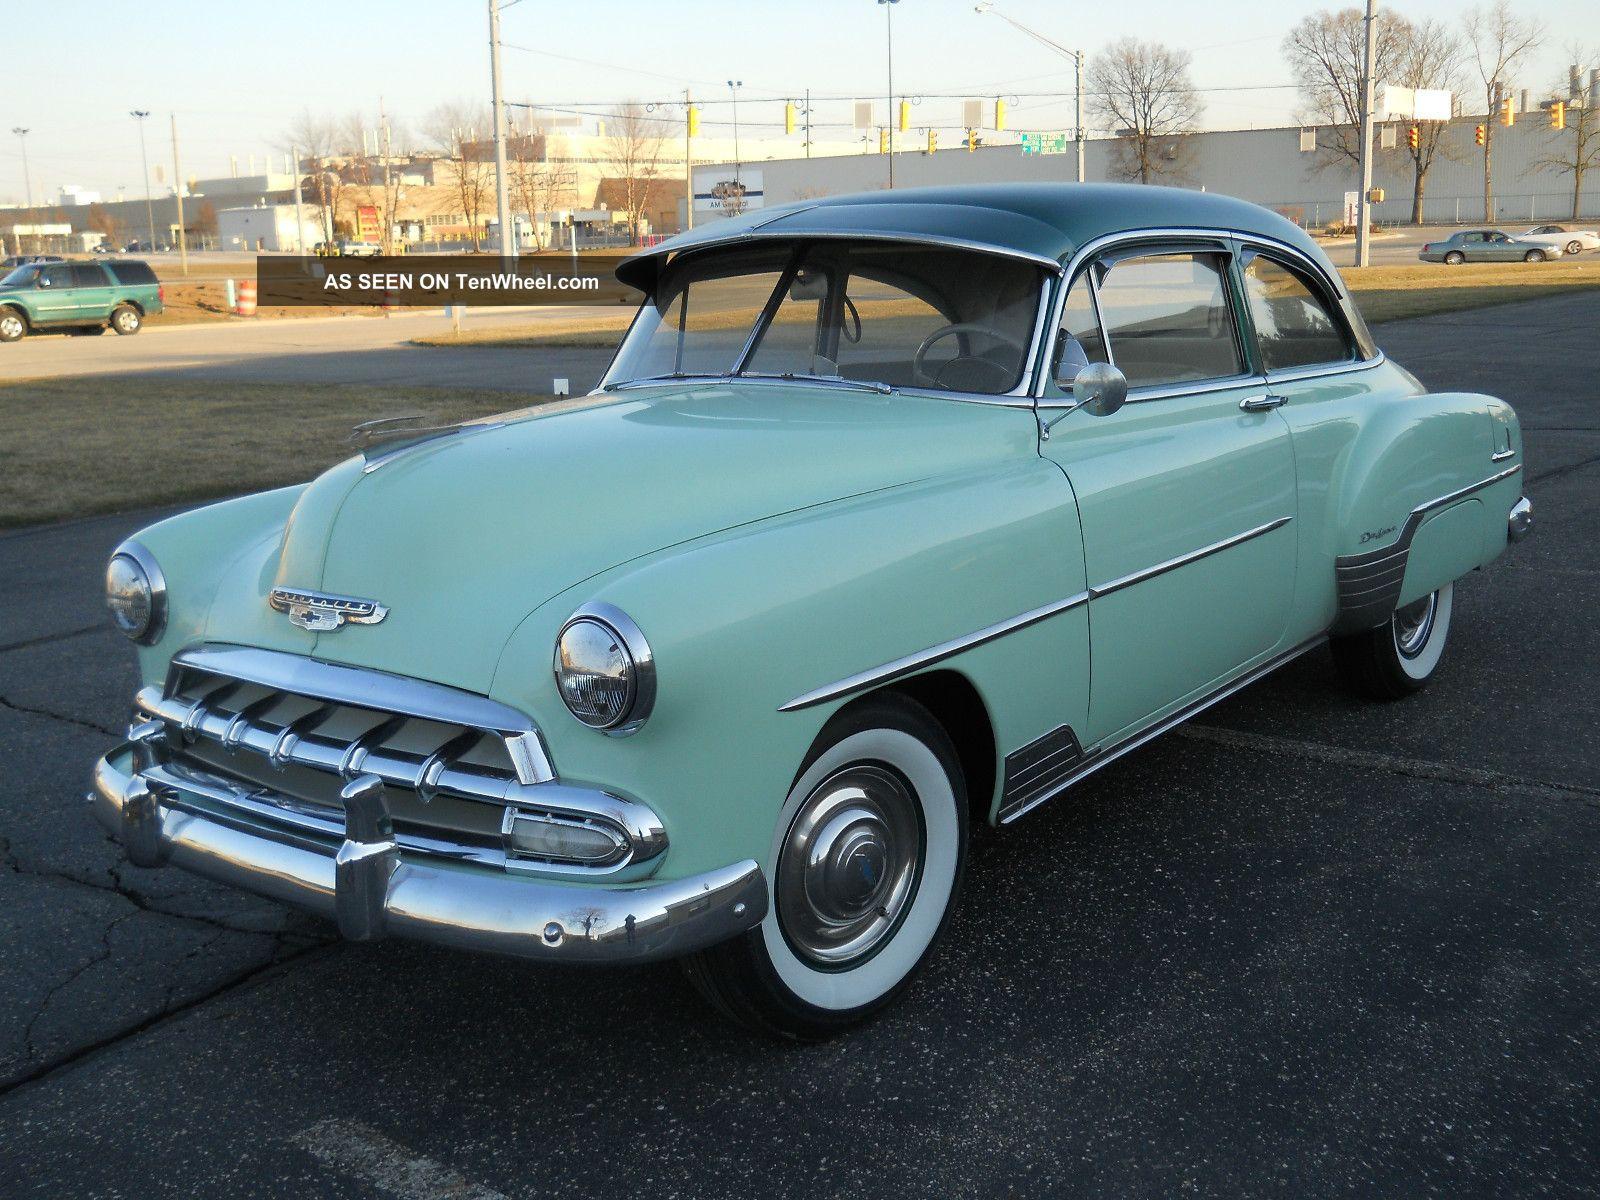 1952 chevrolet 4 door sedan autos post for 1952 chevrolet 4 door sedan